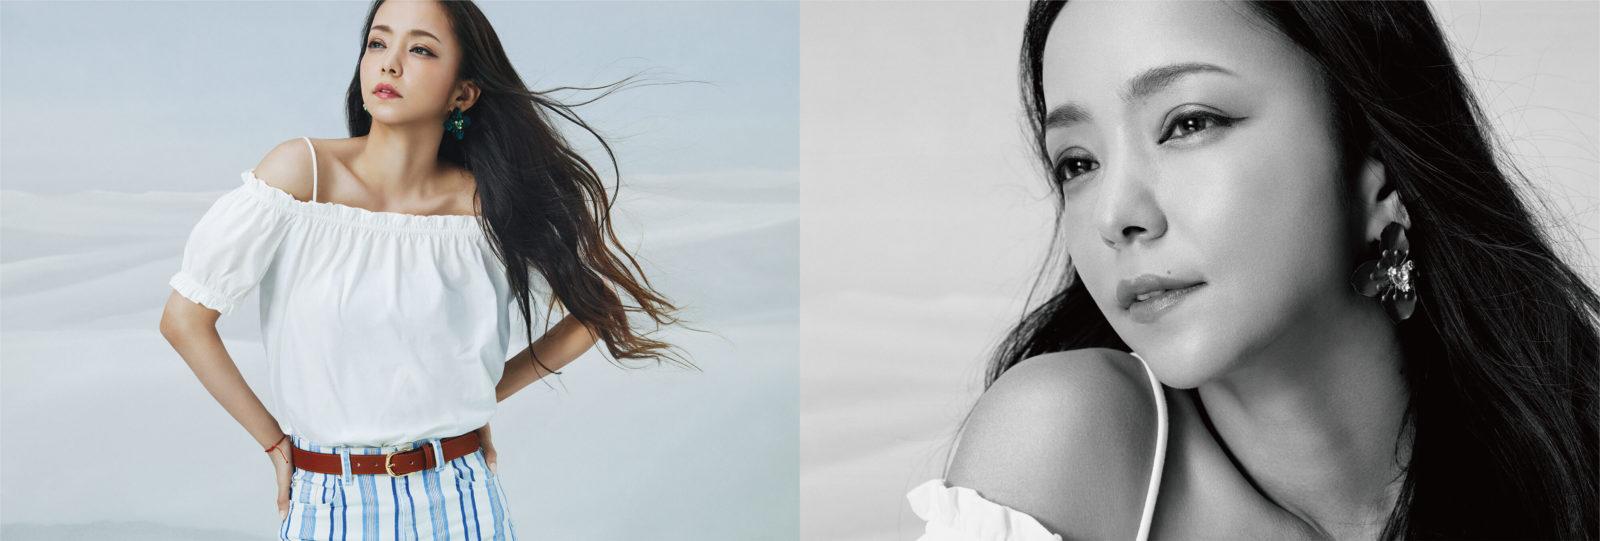 安室奈美恵xH&M アイテム着用ビジュアルと撮り下ろしポートレートが公開サムネイル画像